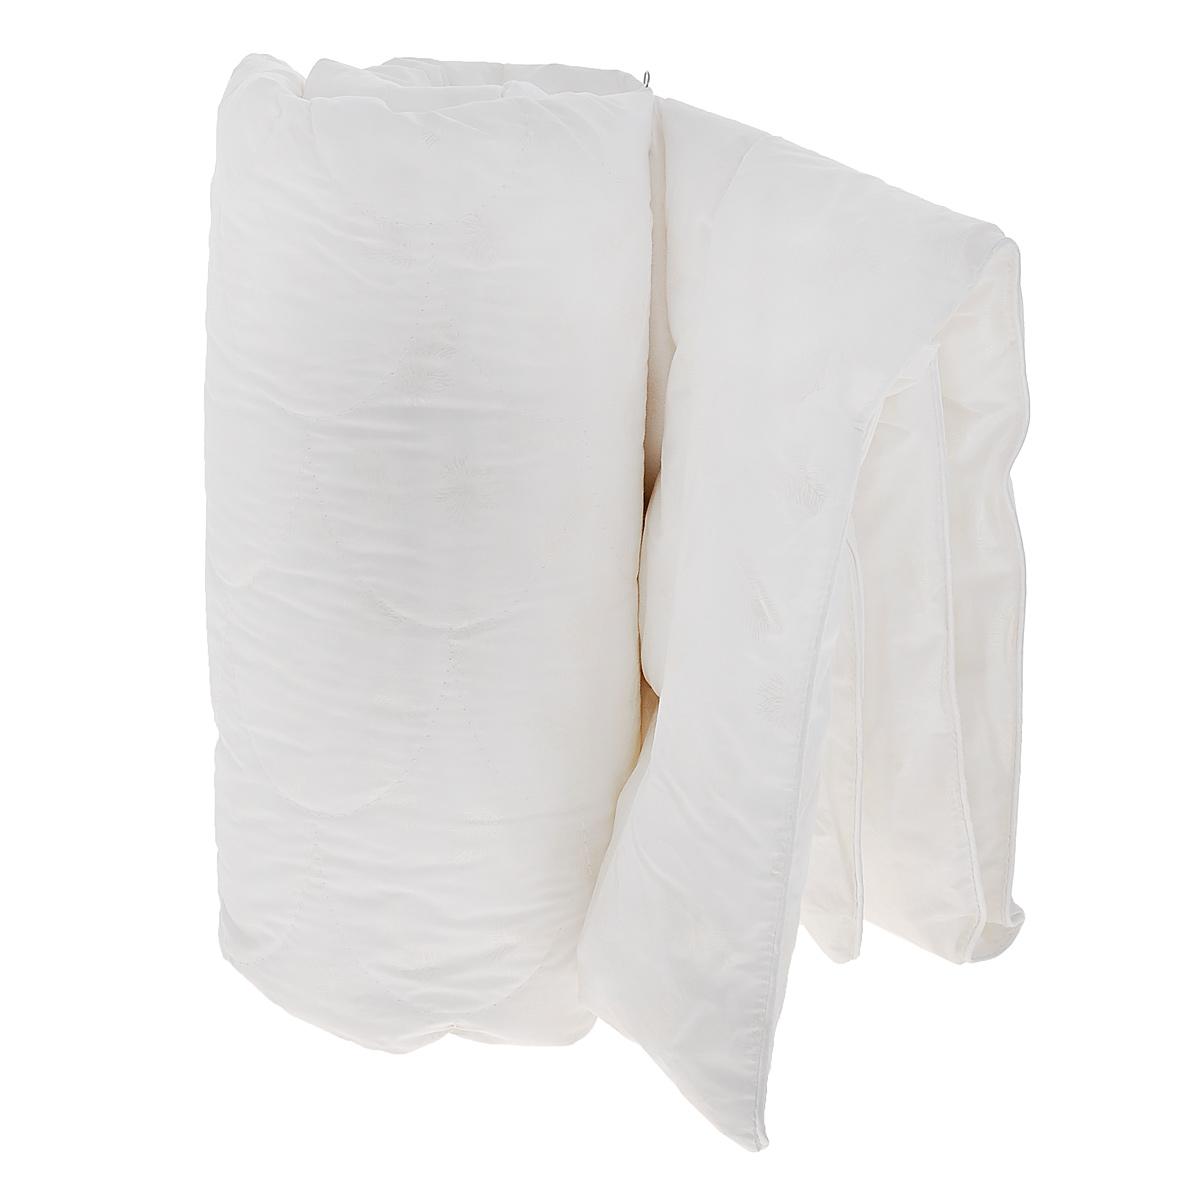 Одеяло детское Облачко, наполнитель: искусственный лебяжий пух, 110 см х 140 см156969Одеяло Облачко подарит комфортный сон вашему малышу. Чехол изготовлен из 100% хлопка, наполнитель - искусственный лебяжий пух. Мягкий и необычайно легкий наполнитель обеспечит оптимальную терморегуляцию пододеяльного пространства, а плотная и легкая дышащая ткань создаст условия, исключающие парниковый эффект и перегрев ребенка во время сна. Искусственный пух не вызывает аллергию и раздражение кожи малыша. Сложная фигурная стежка одеяла обеспечивает возможность его стирки столько раз, сколько это будет необходимо. Материал чехла: 100% хлопок. Материал наполнителя: искусственный лебяжий пух.